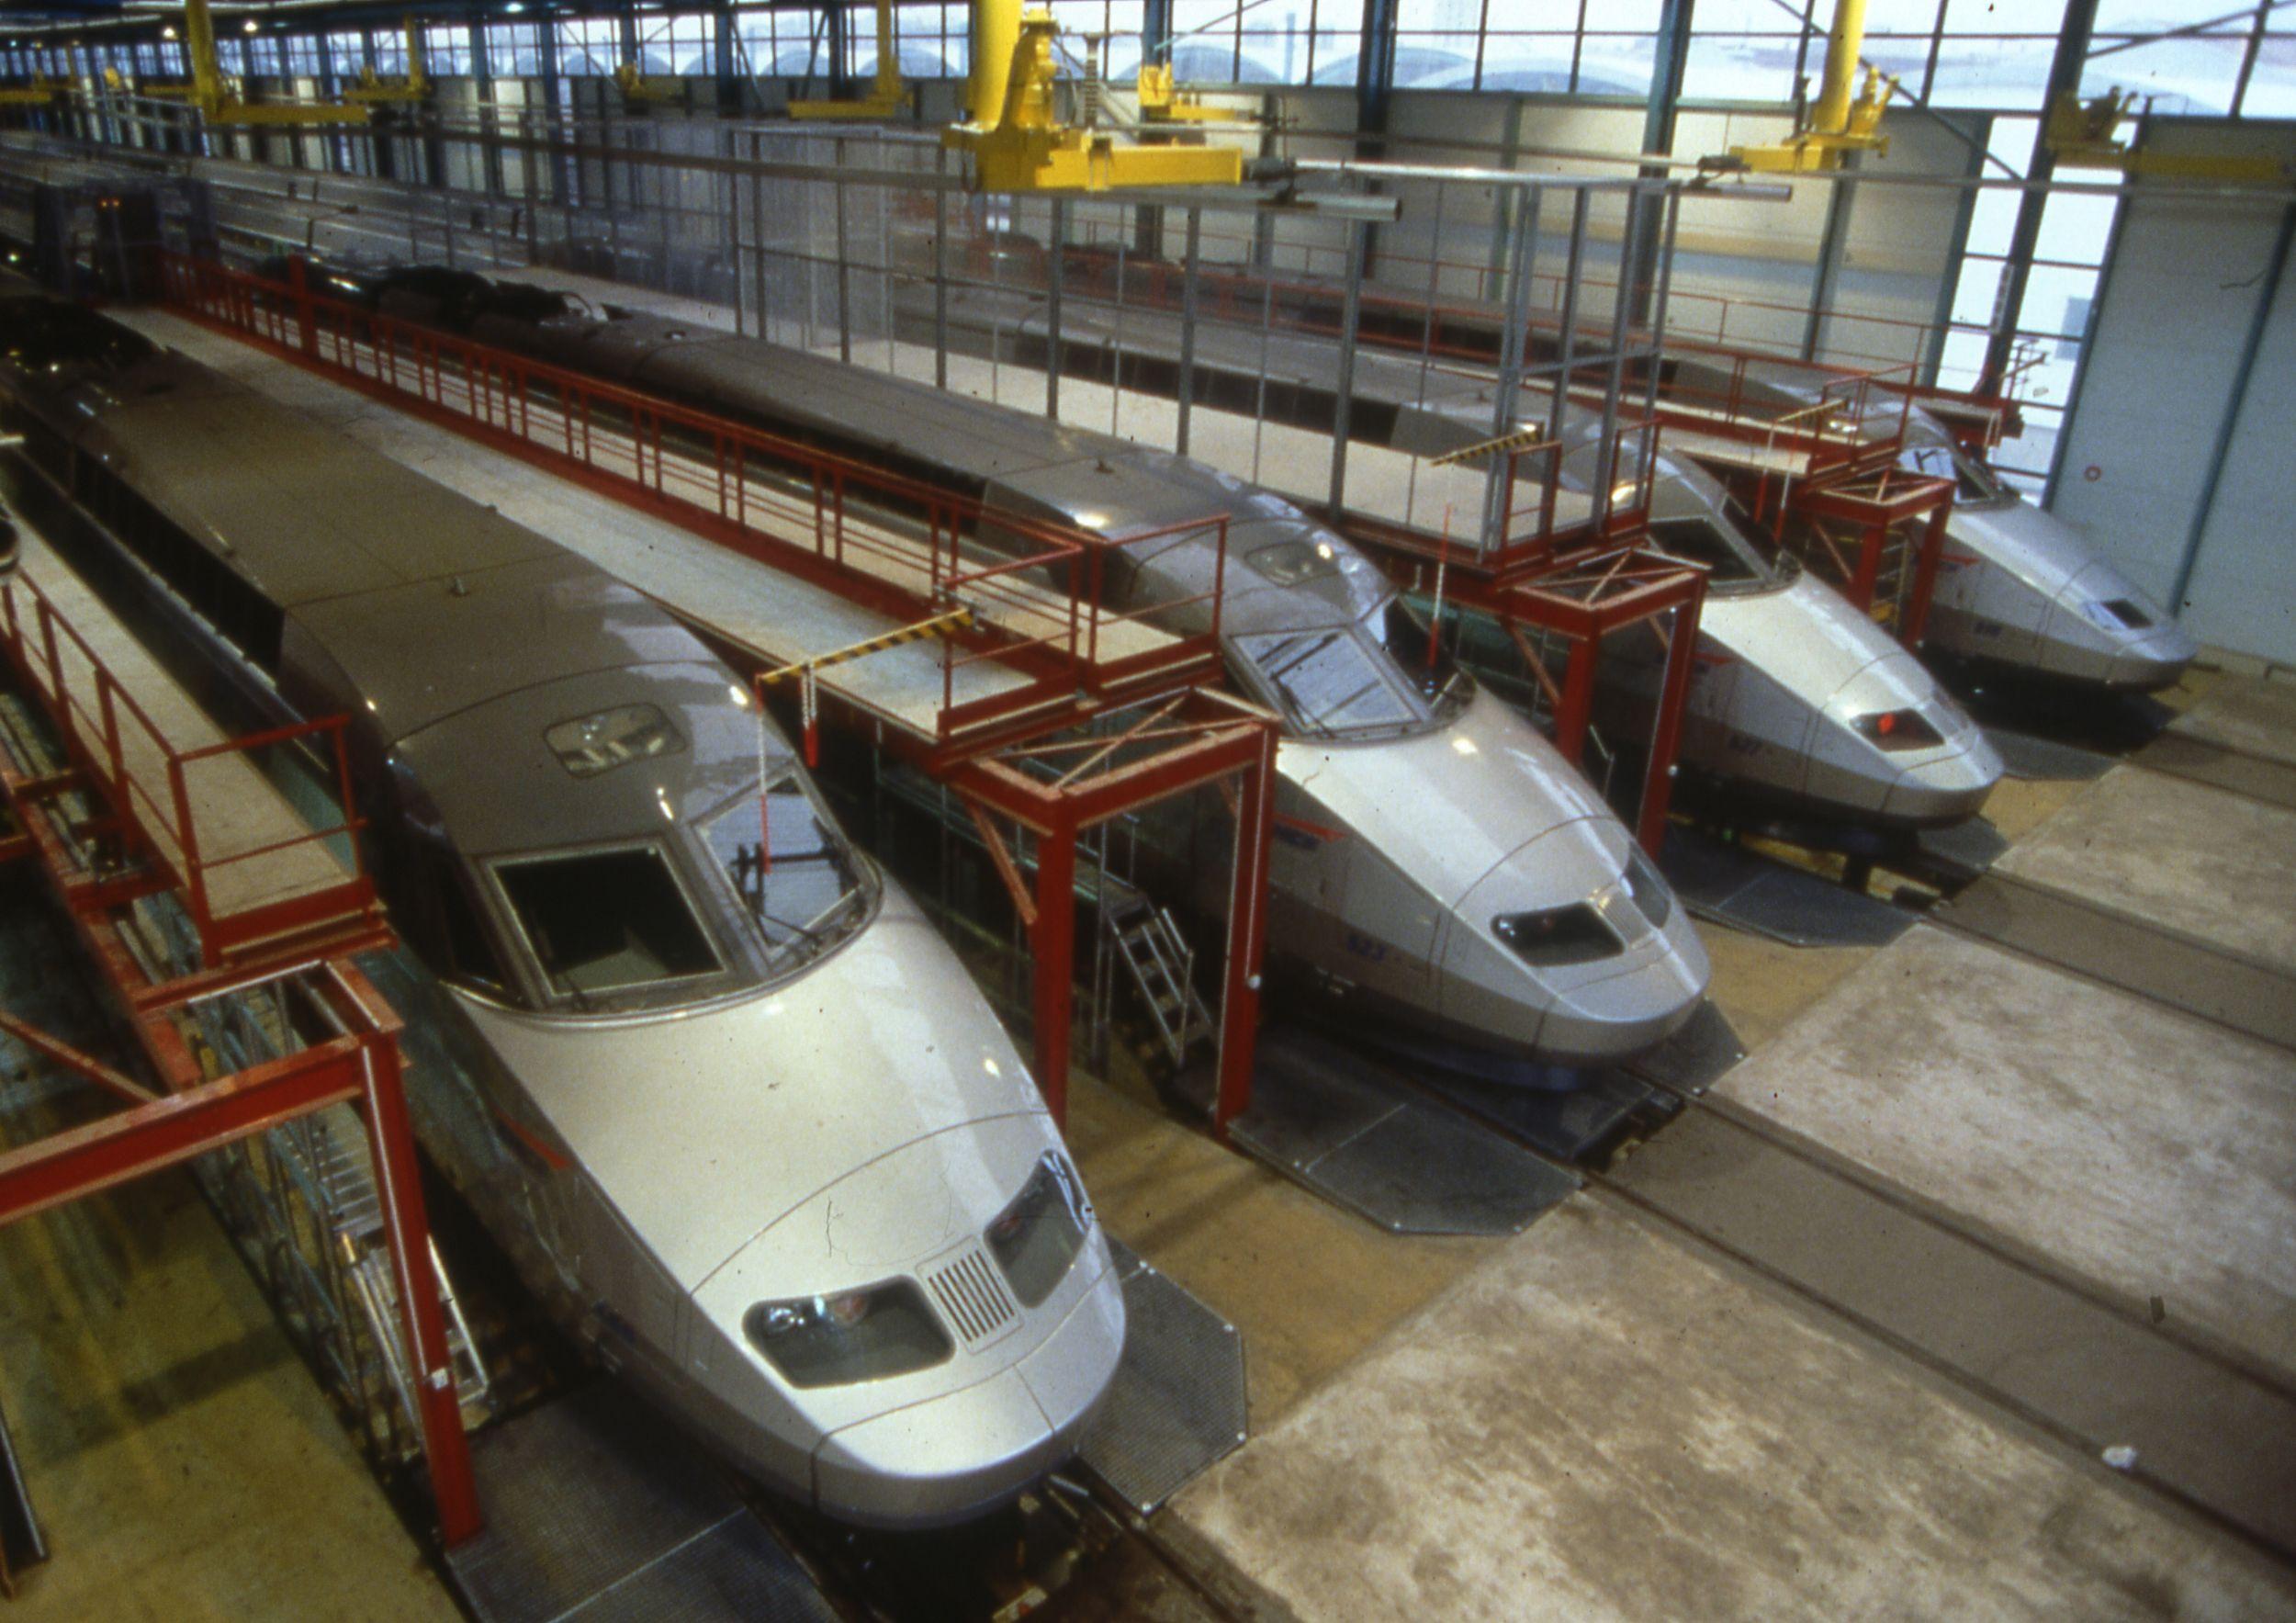 Visites sur le thème du train, du rail et chemin de fer 2cebe694c45